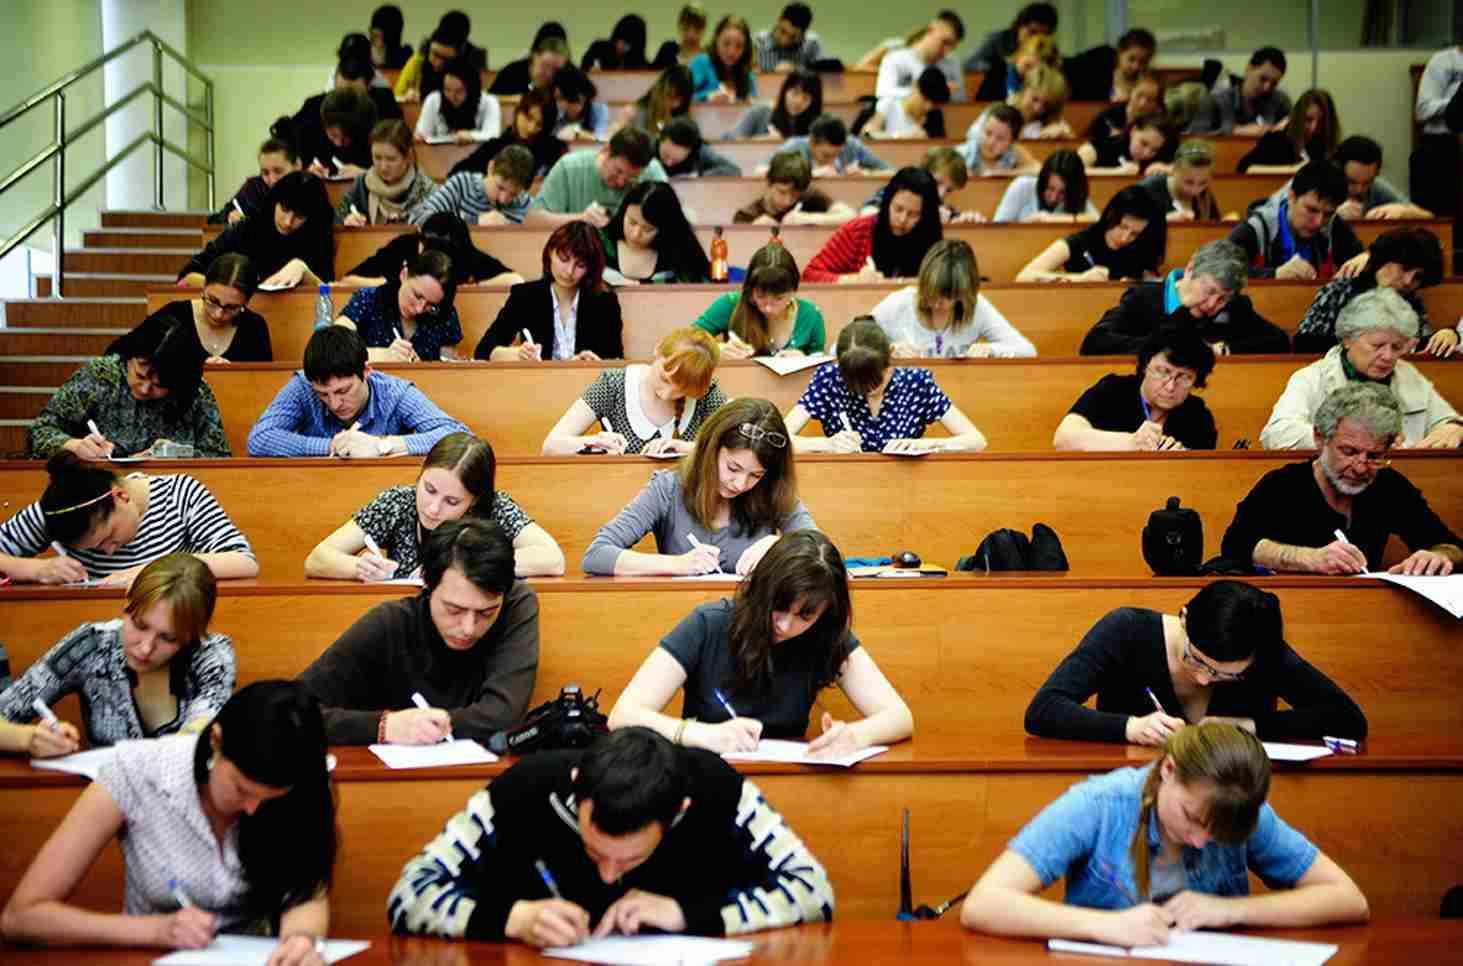 Заочная форма создана специально для тех людей, которые не могут по какой-то причине учиться на дневном отделении, не имеют возможностей ежедневно посещать занятия